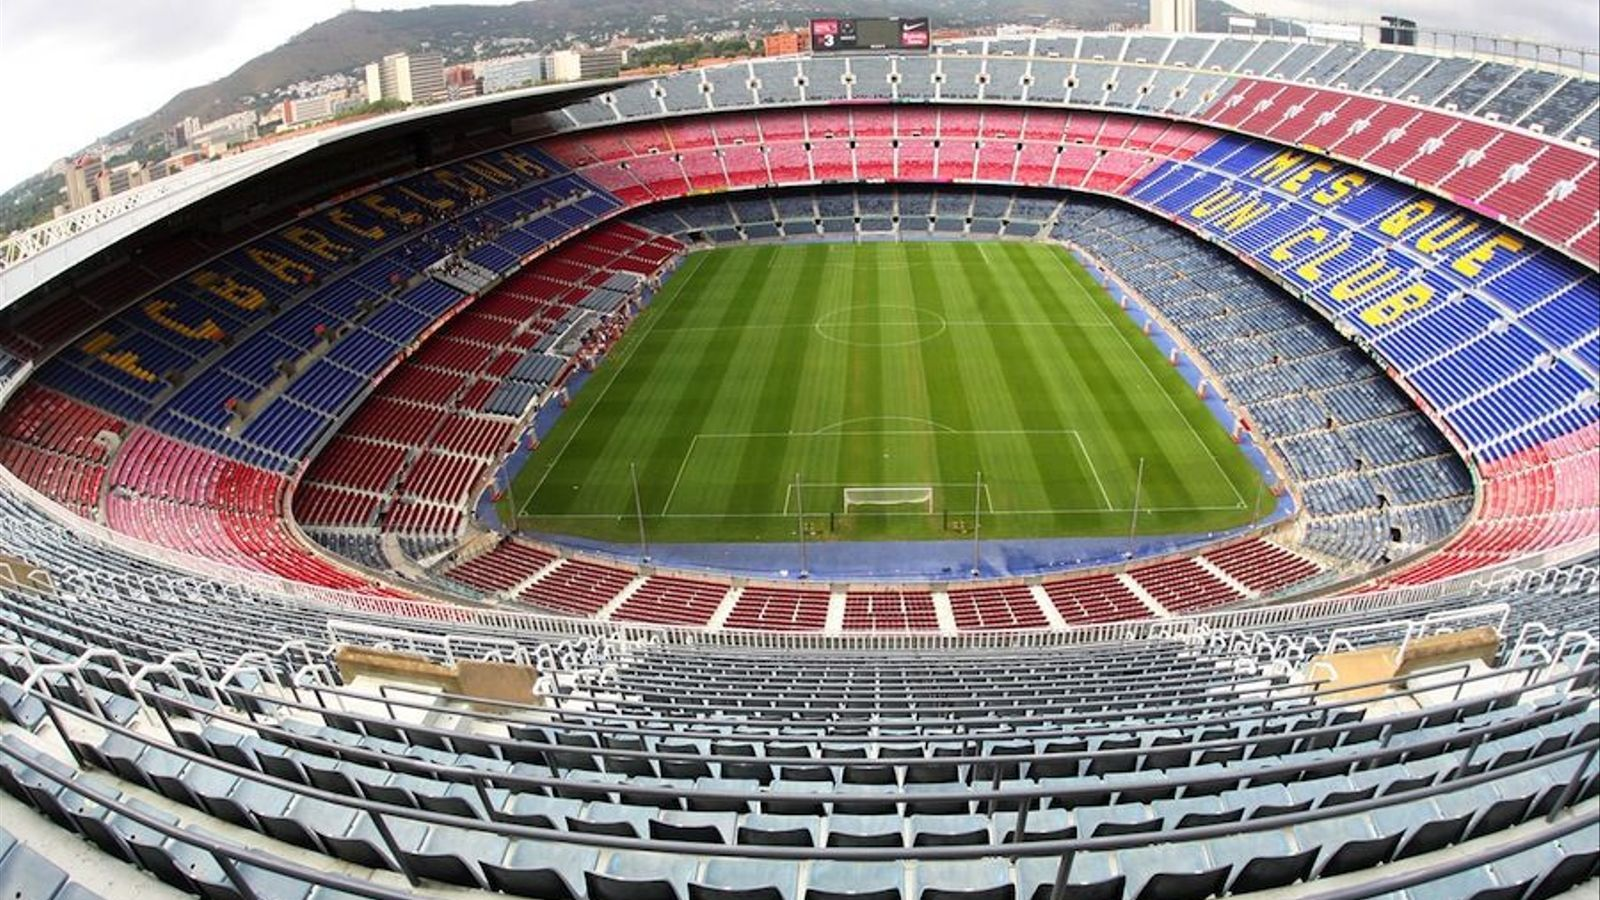 Eleccions al Barça: deu aspirants per a una única cadira